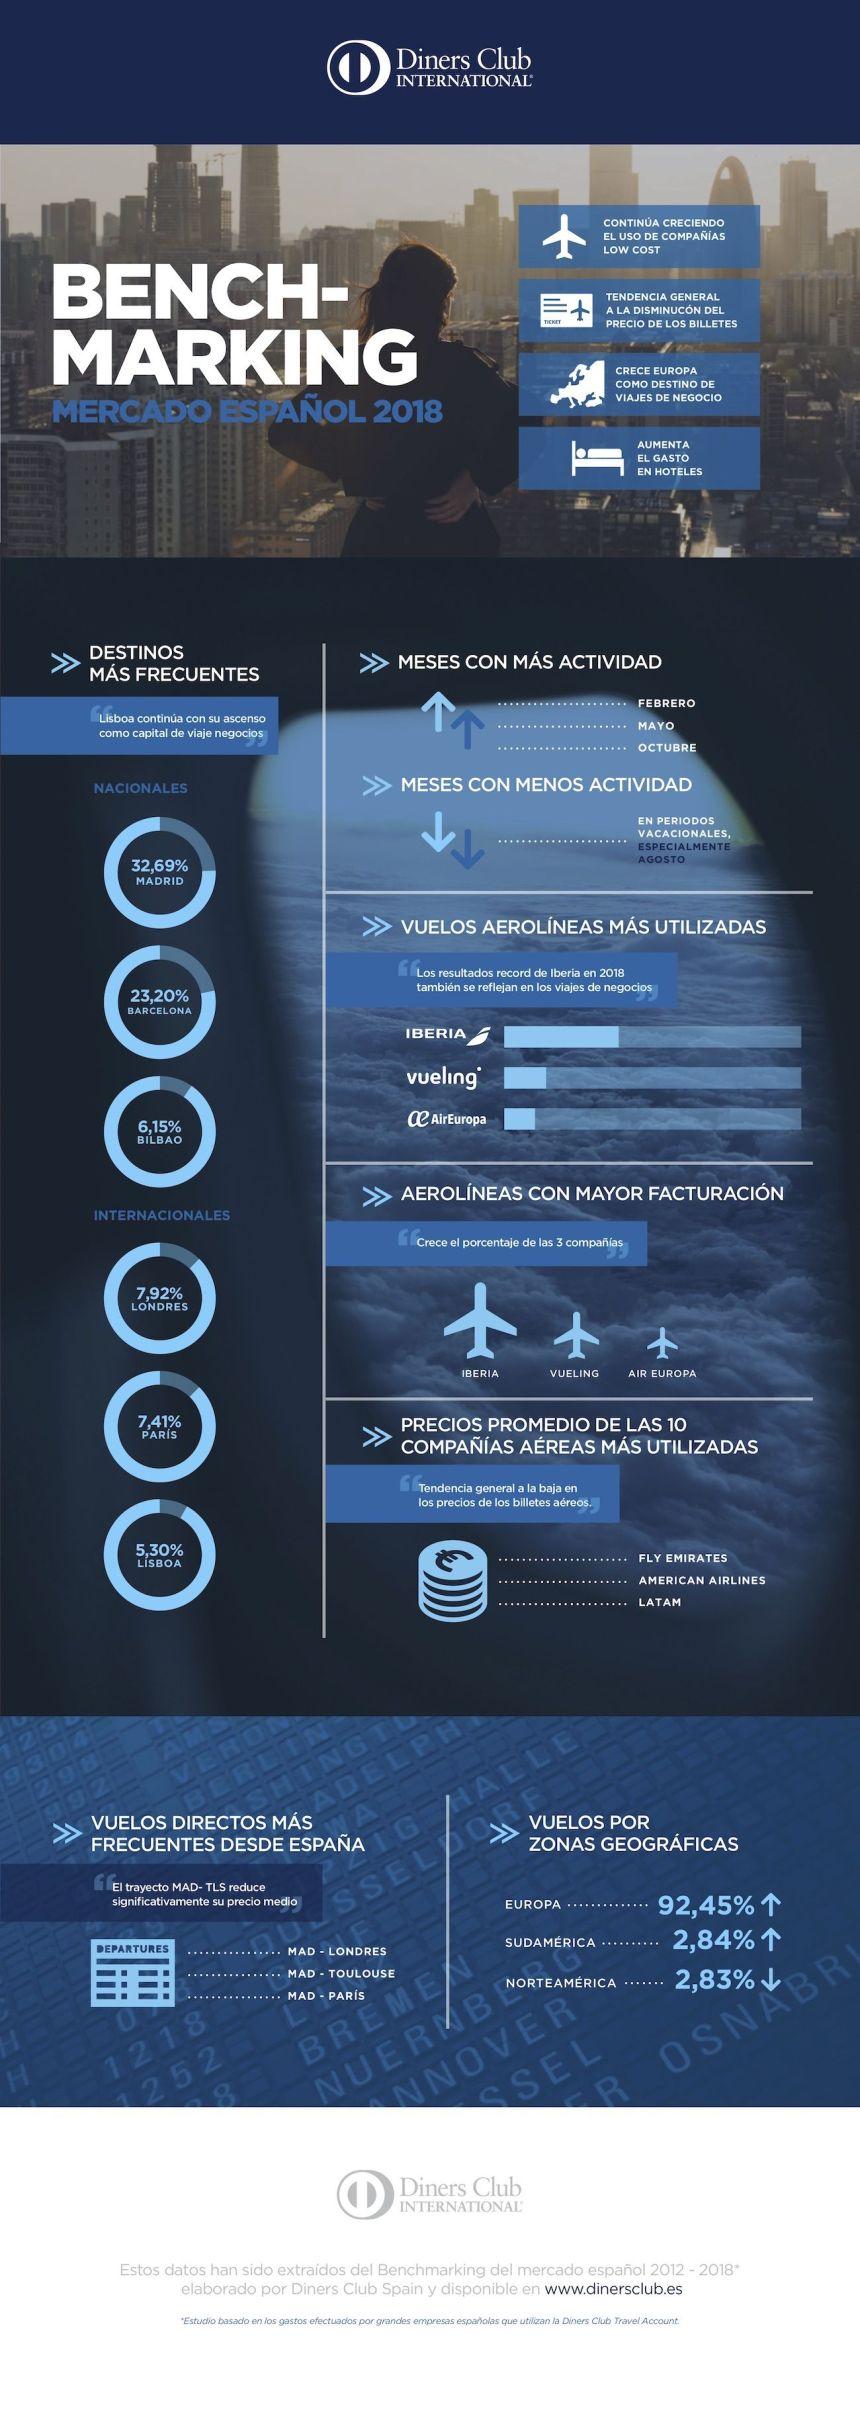 El mercado español de los viajes de empresa